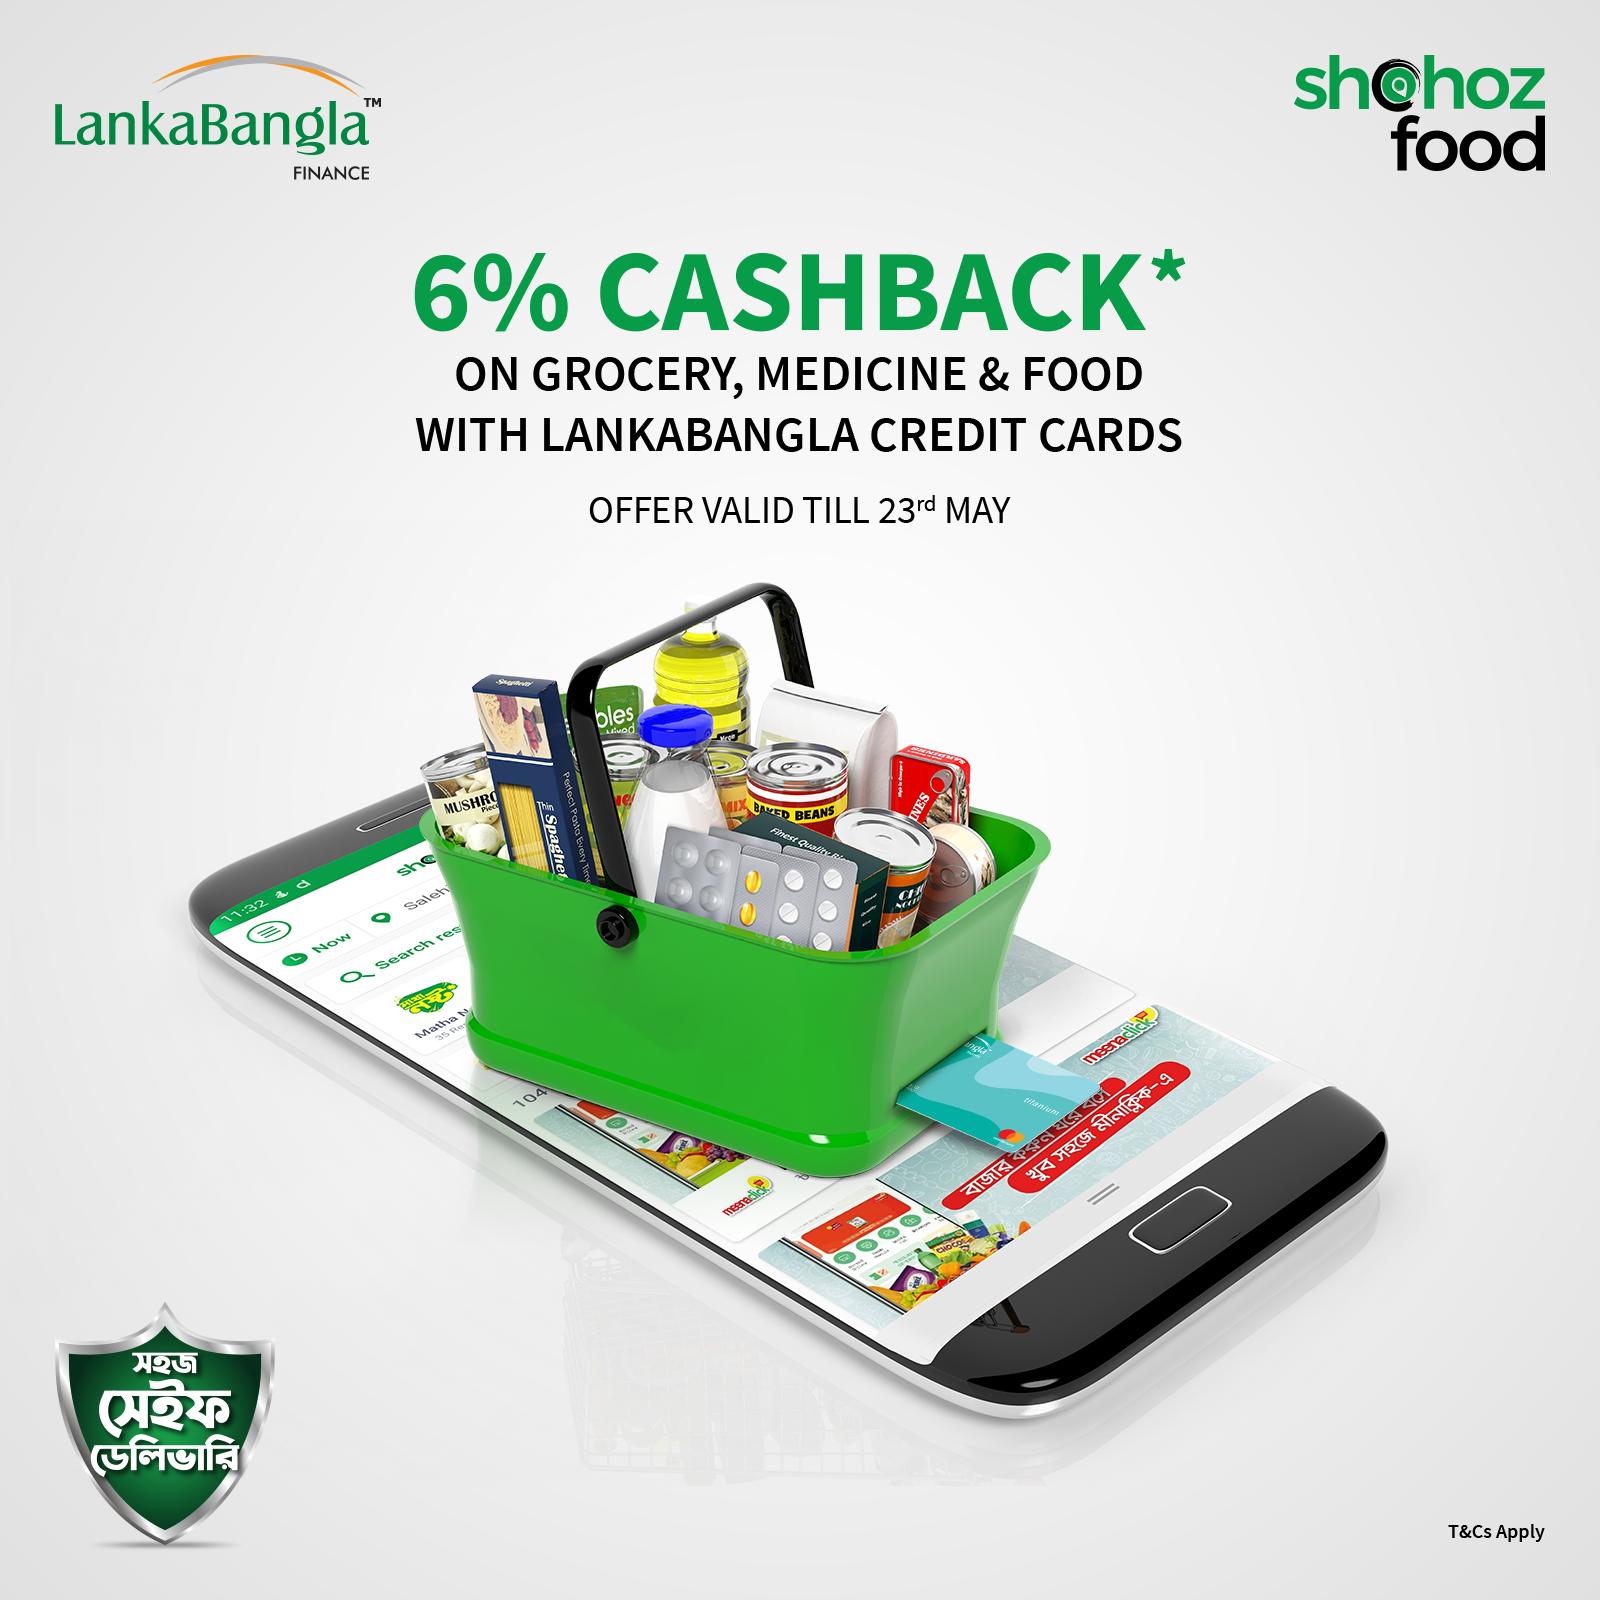 Langkabangla credit card payment offer